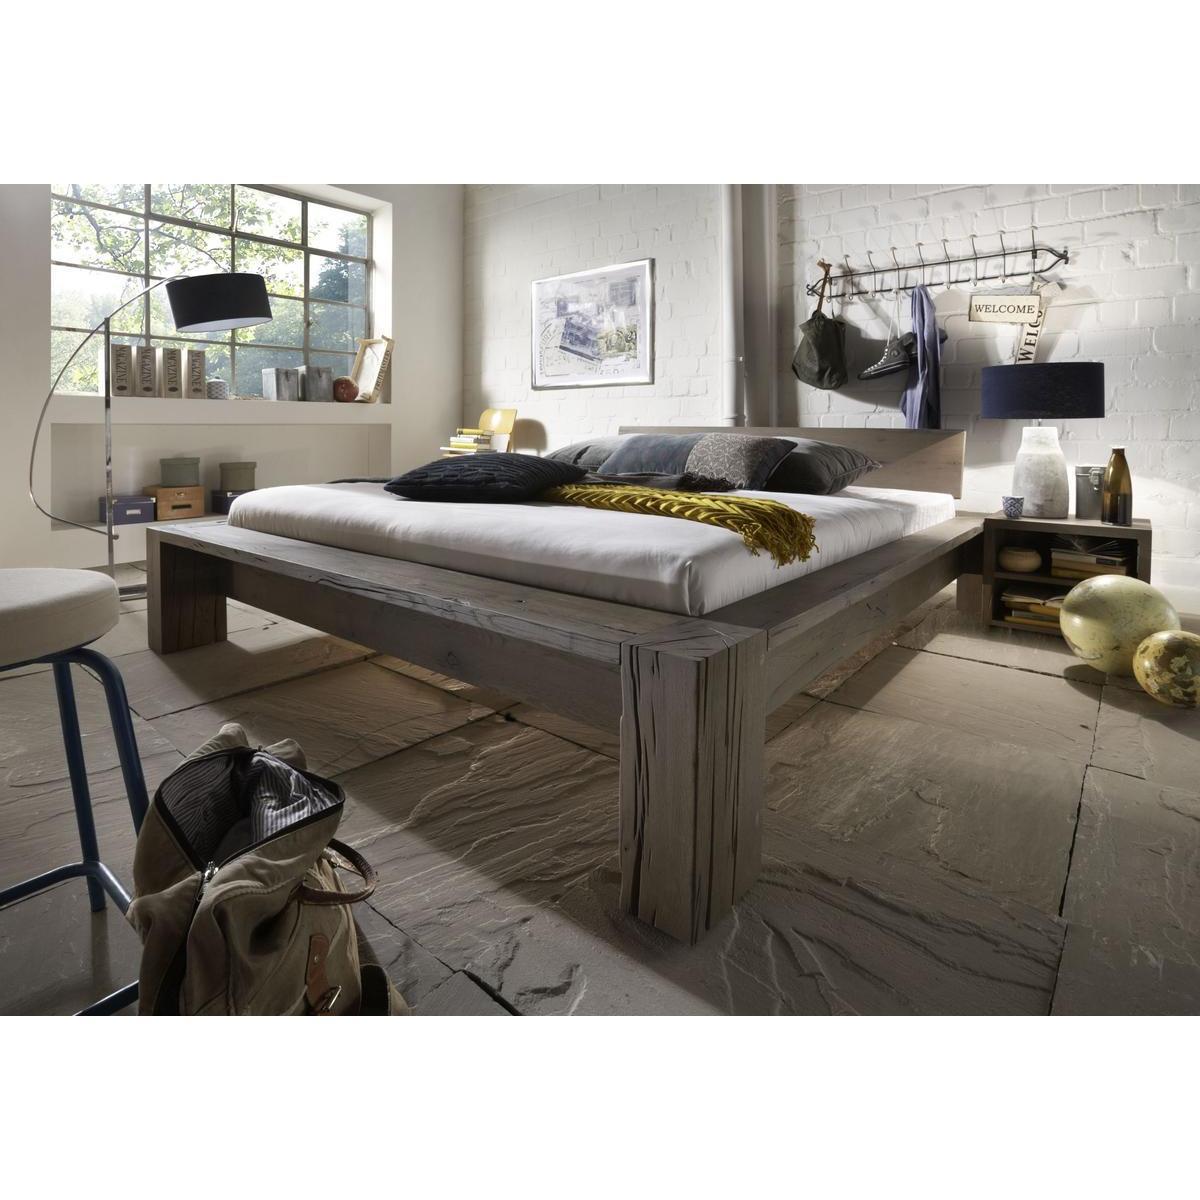 Altholz Bett Selber Bauen Balkenbett Kaufen Top Komplett Betten